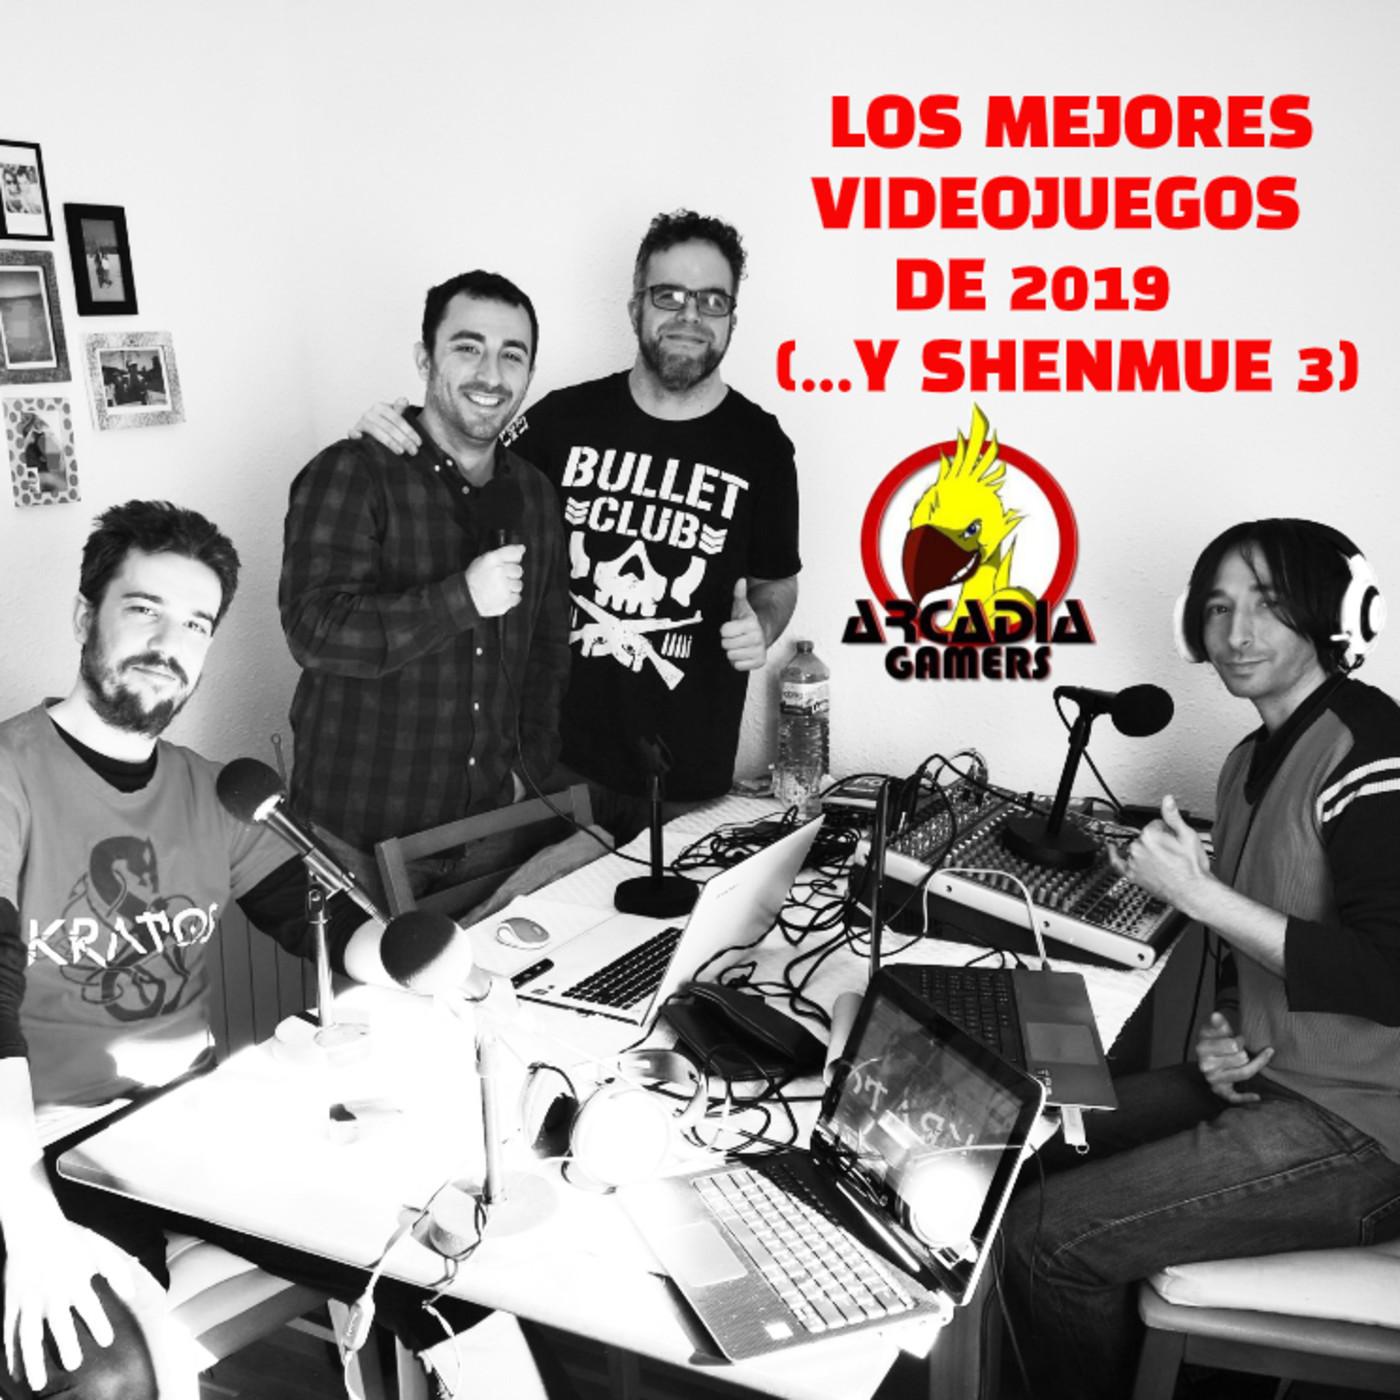 LOS MEJORES JUEGOS DE 2019... Y SHENMUE III (y cuatro pollas en la boca) - Arcadia Gamers.